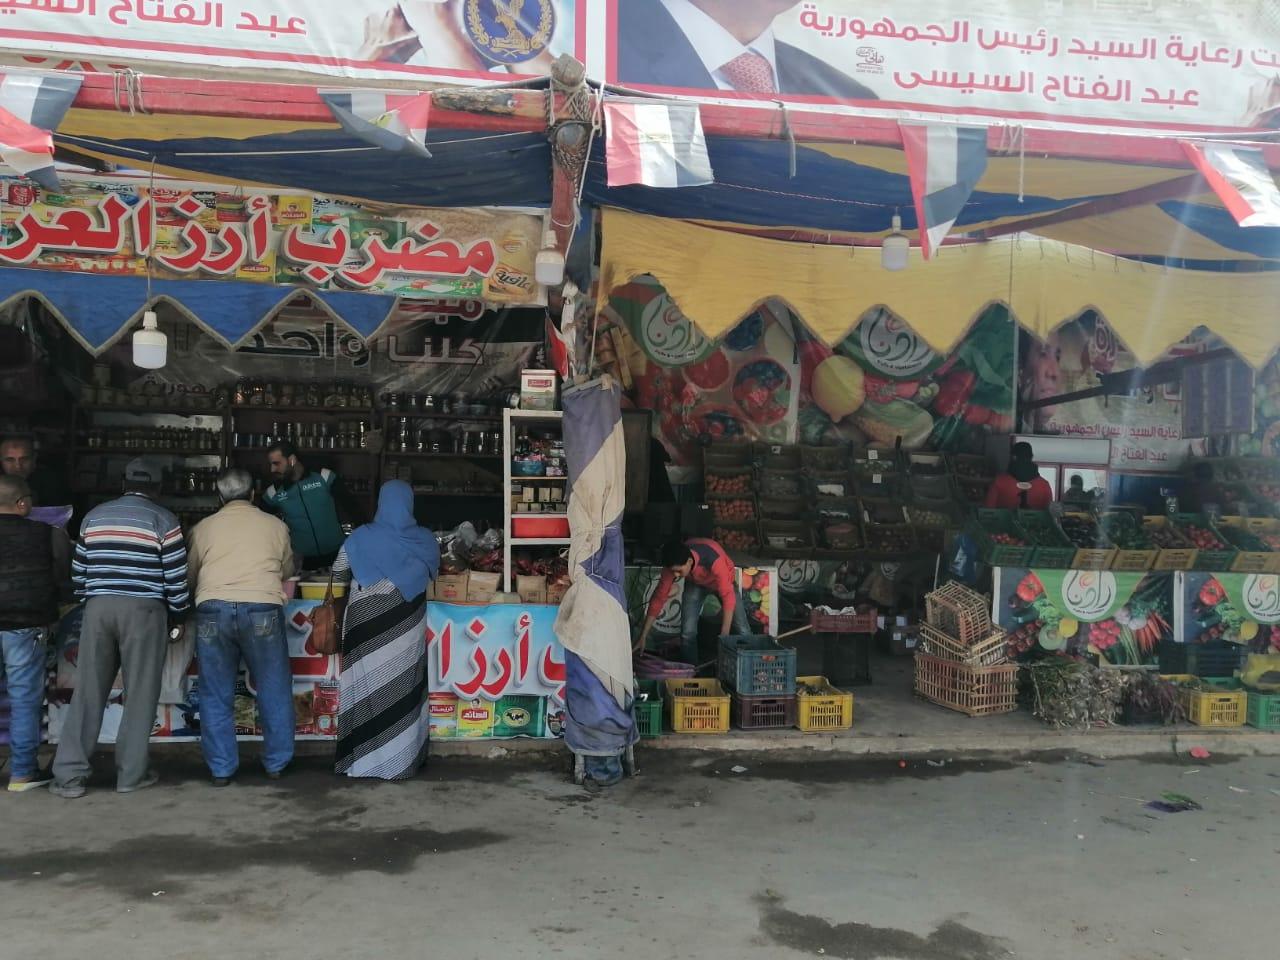 اسواق تحيا مصر للخضر والفاكهة بالغربية (10)